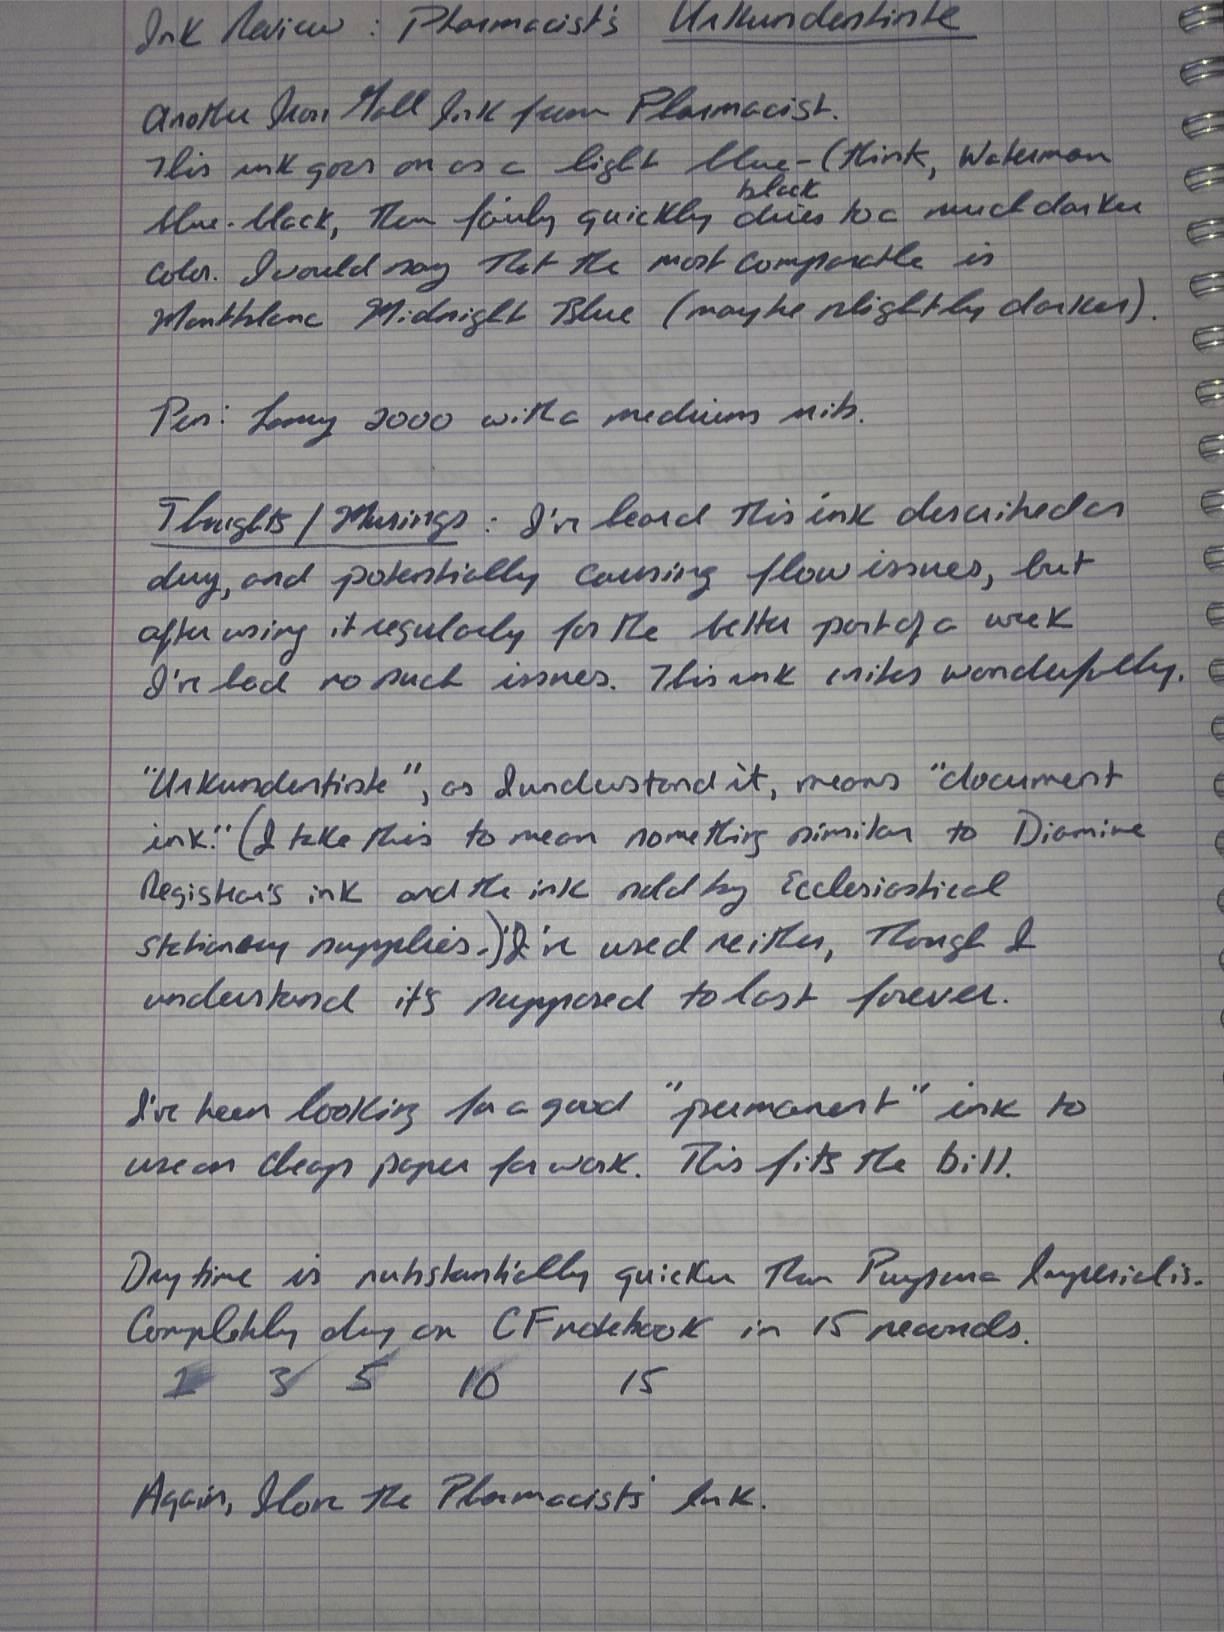 Written Ink Review:  Pharmacist's Urkundentinte